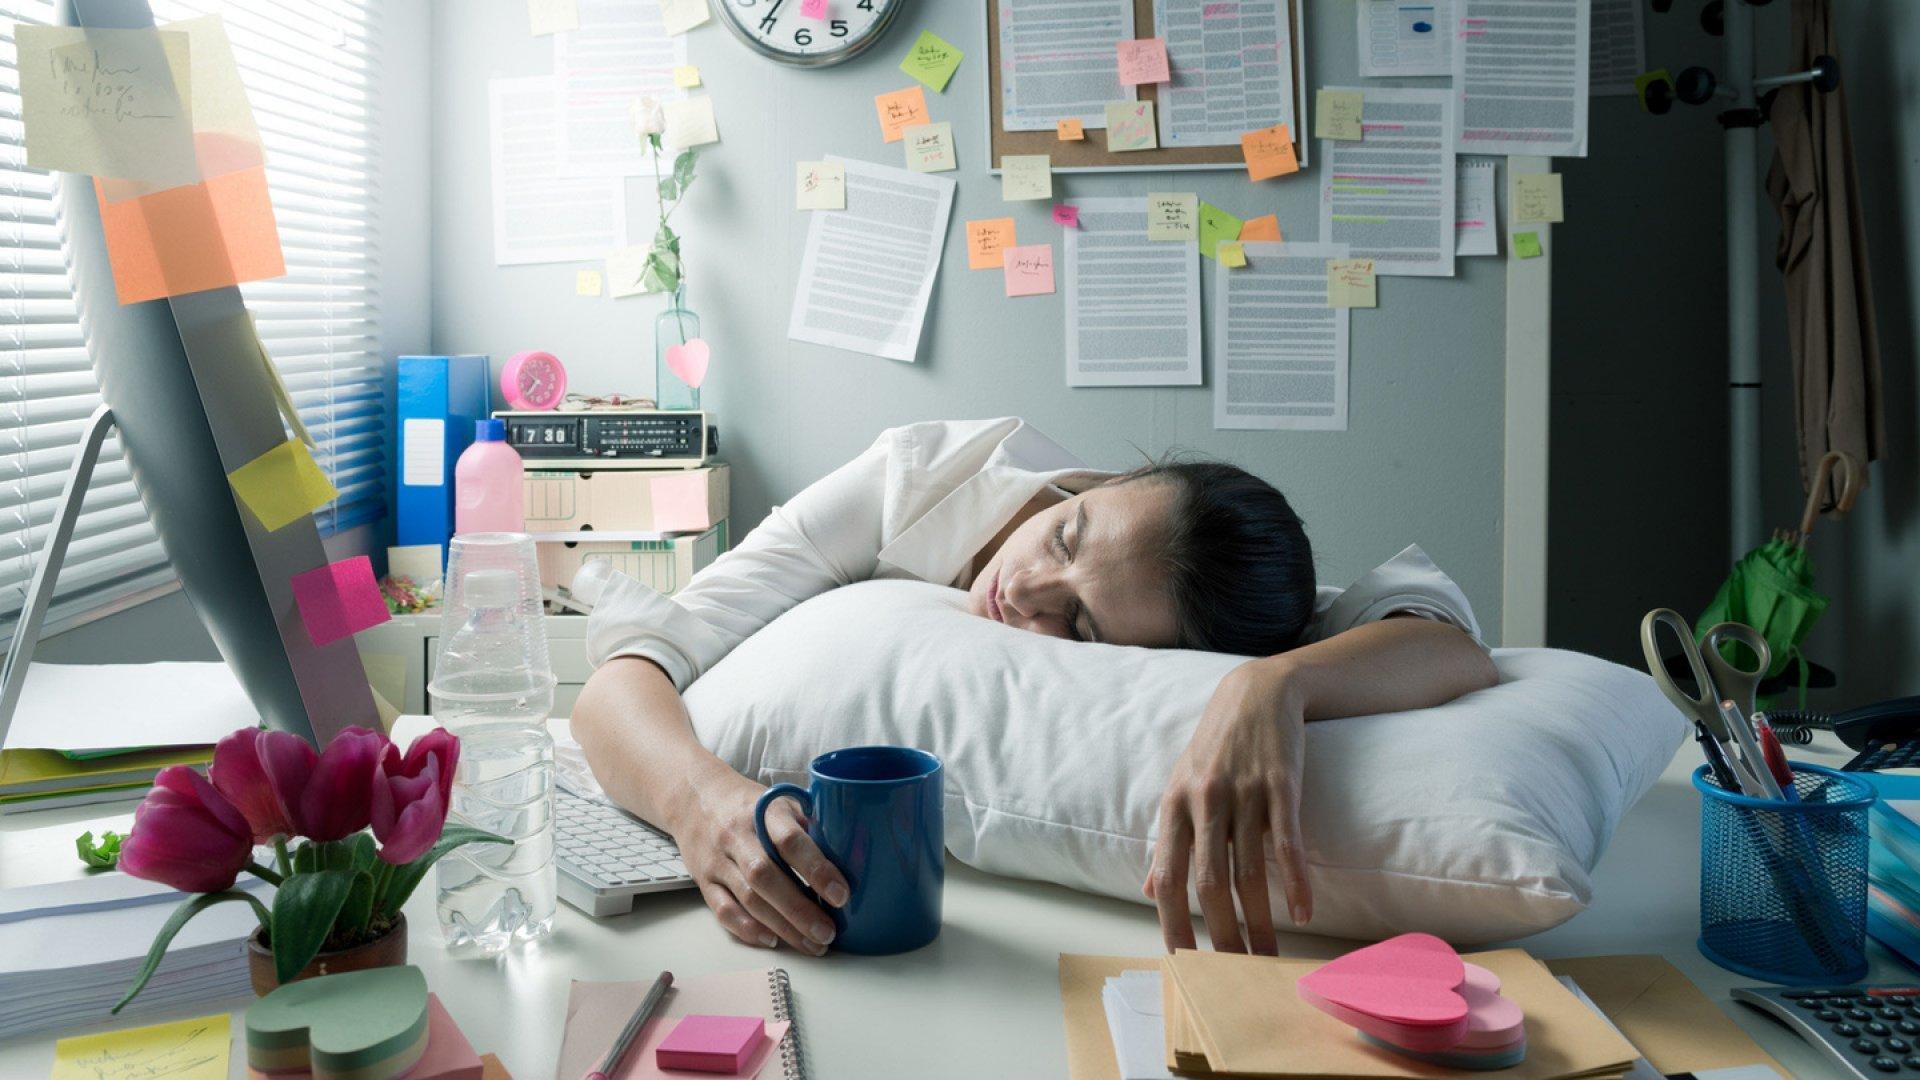 Нехватка сна способствует сохранению негативного опыта